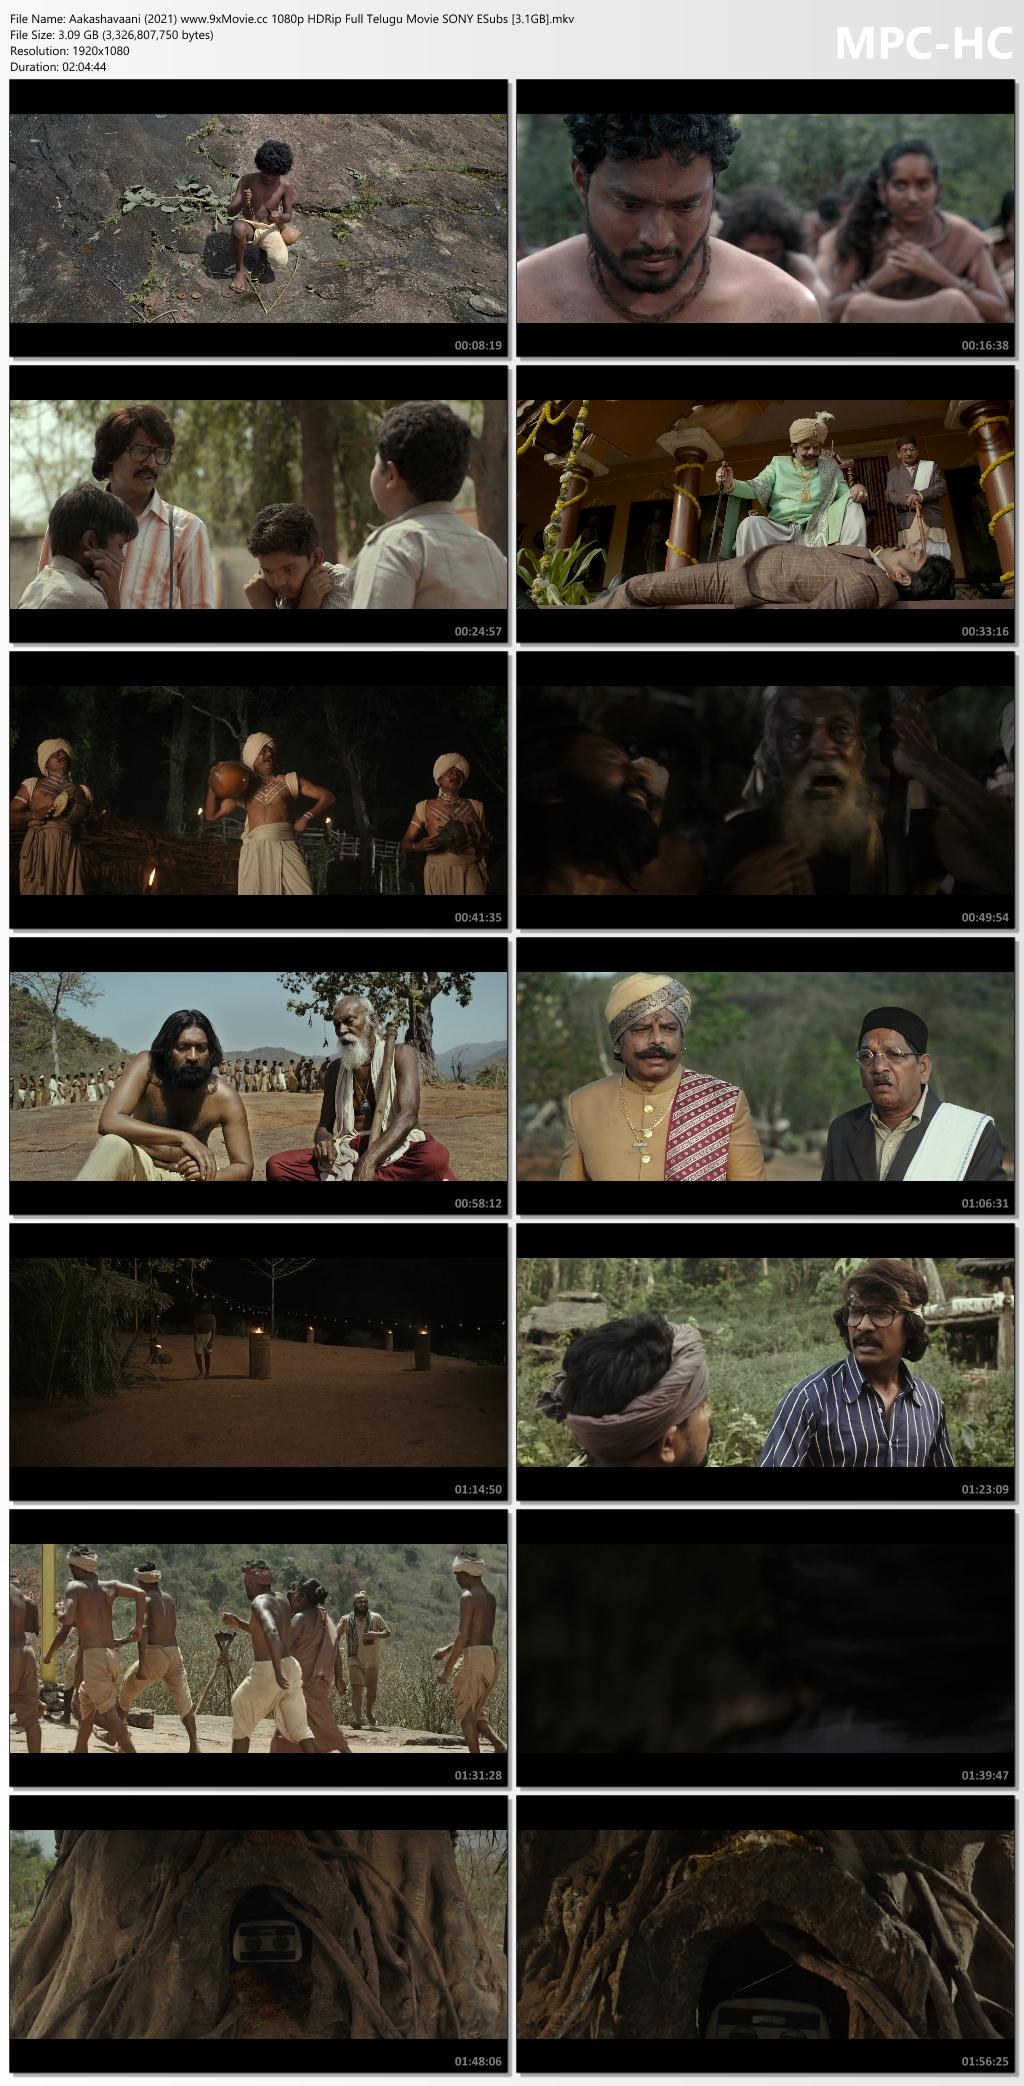 Aakashavaani-2021-www-9x-Movie-cc-1080p-HDRip-Full-Telugu-Movie-SONY-ESubs-3-1-GB-mkv